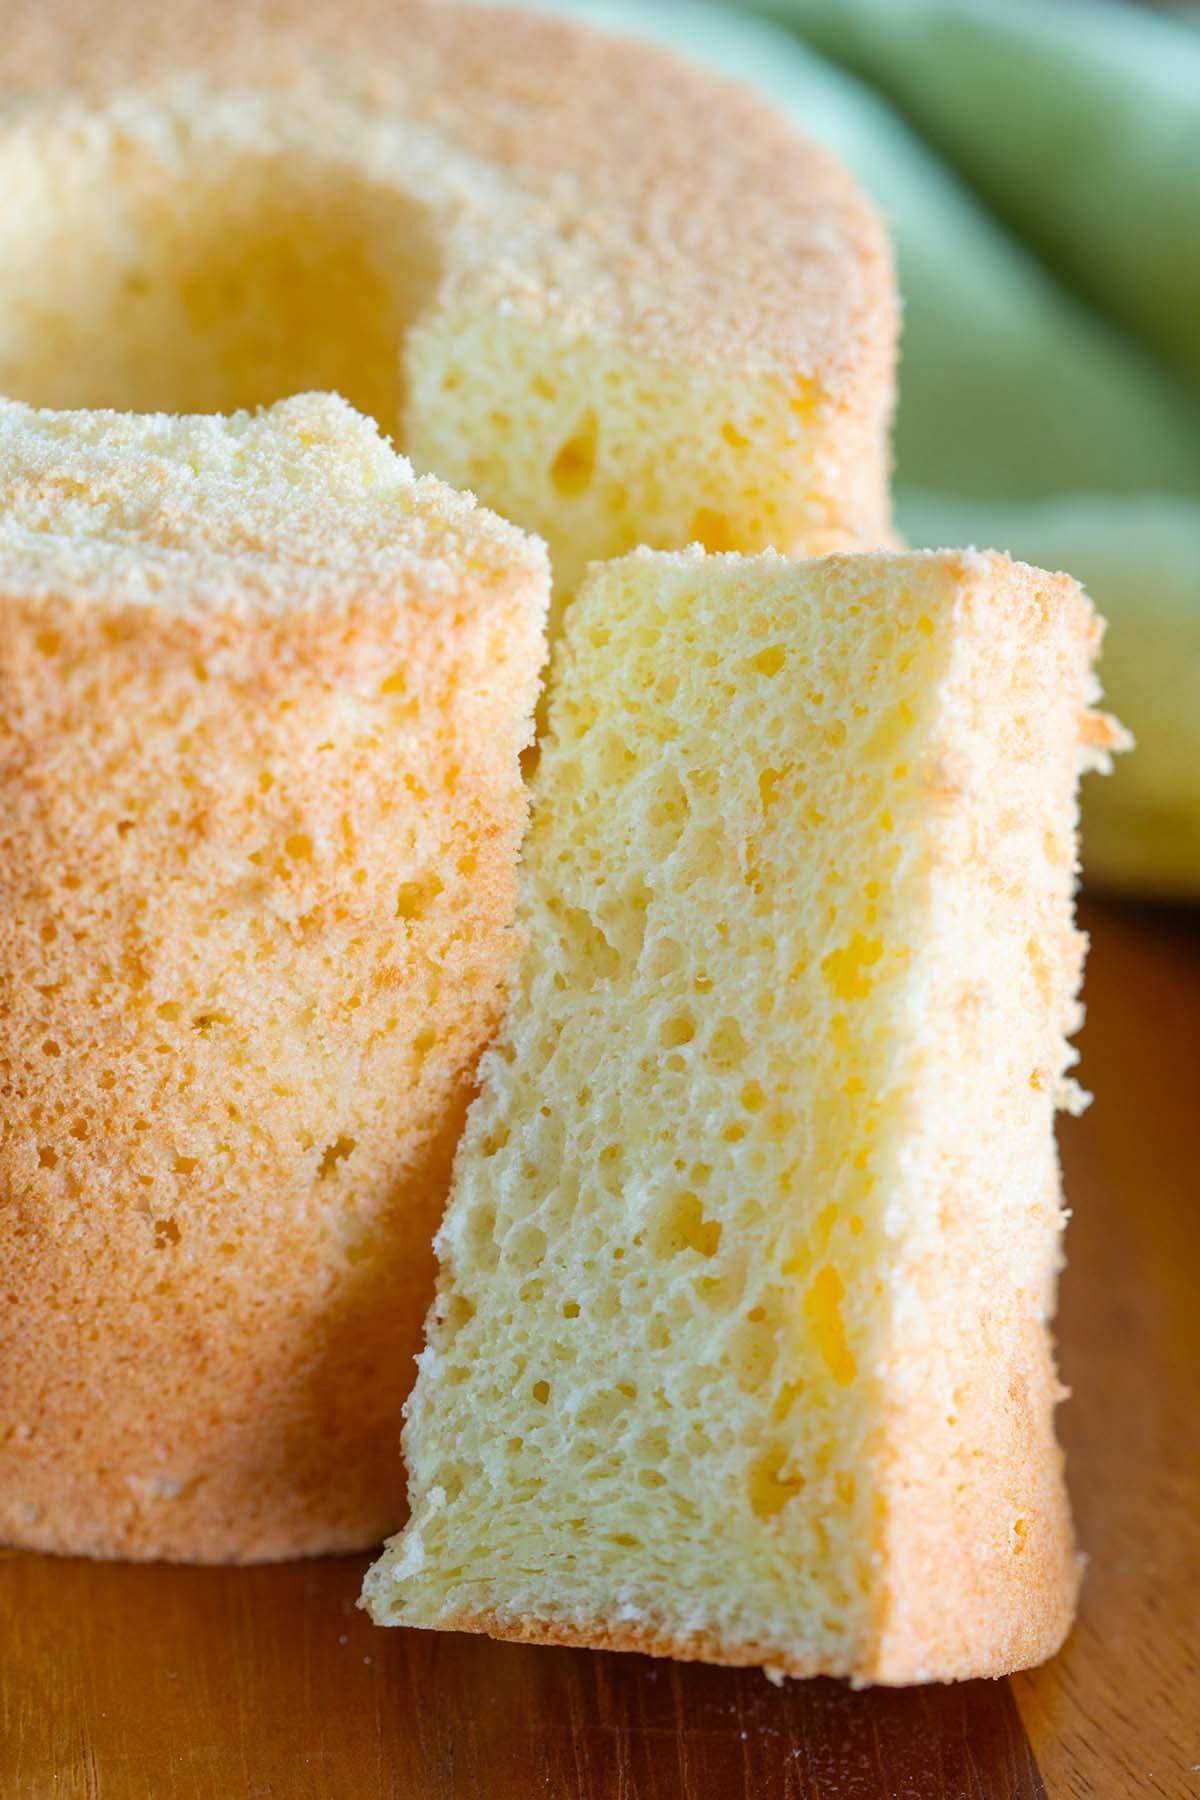 Gâteau mousseline à l'orange, prêt à servir.